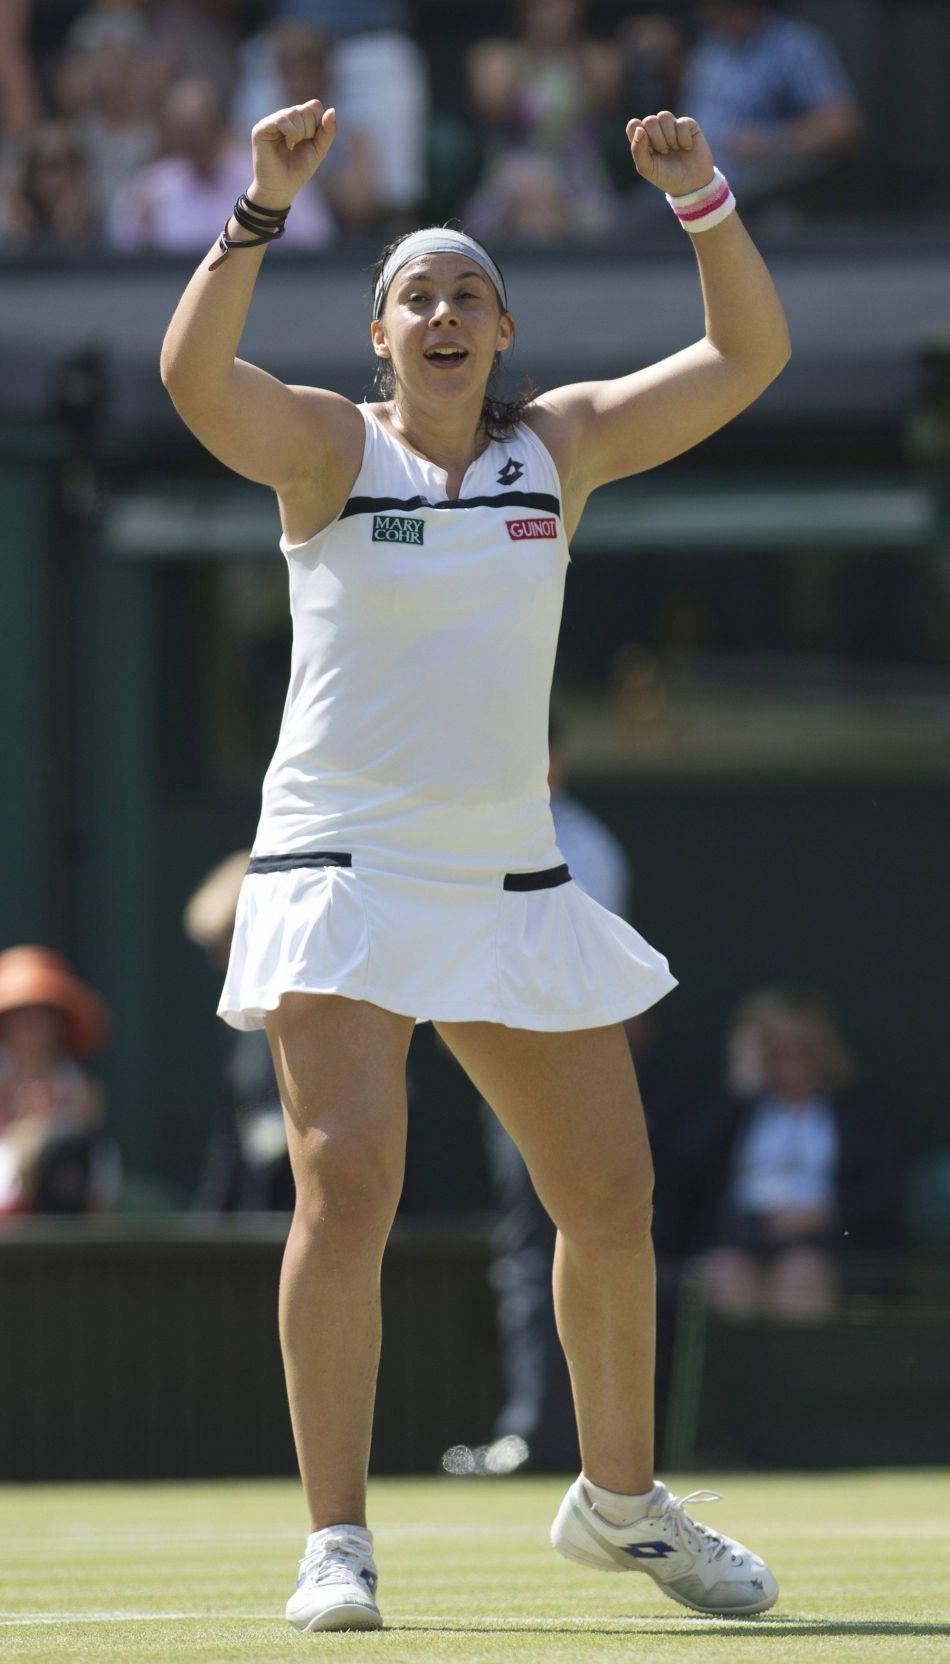 Il y a trois ans, Marion Bartoli remportait le tournoi de Wimbledon, avec plus d'une vingtaine de kilos en plus qu'aujourd'hui.